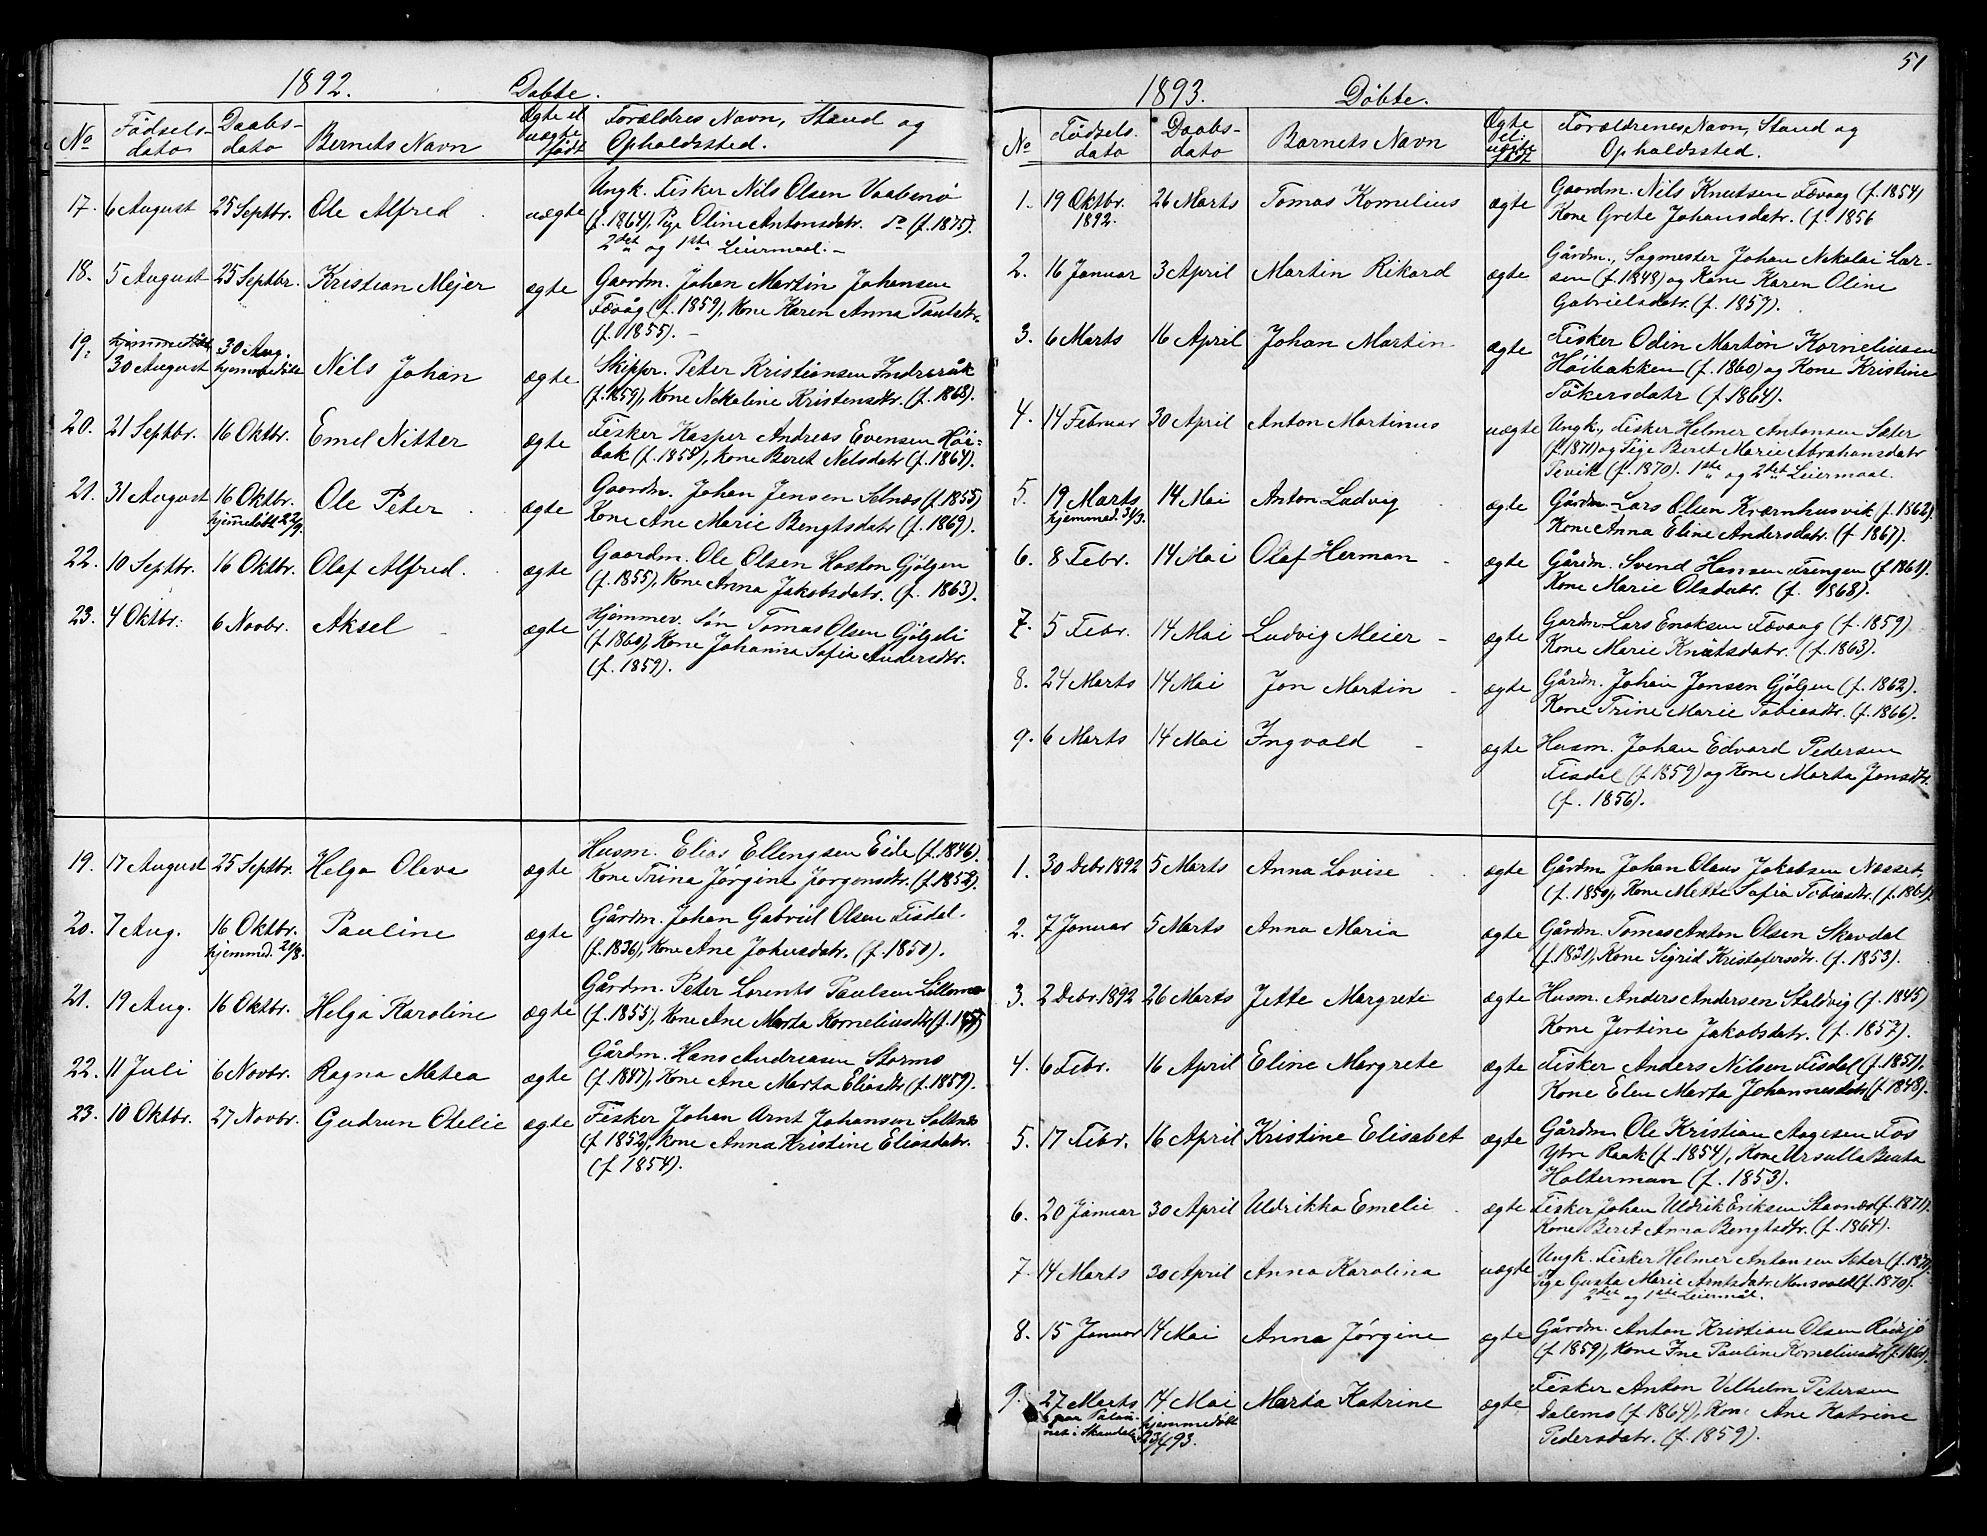 SAT, Ministerialprotokoller, klokkerbøker og fødselsregistre - Sør-Trøndelag, 653/L0657: Klokkerbok nr. 653C01, 1866-1893, s. 51